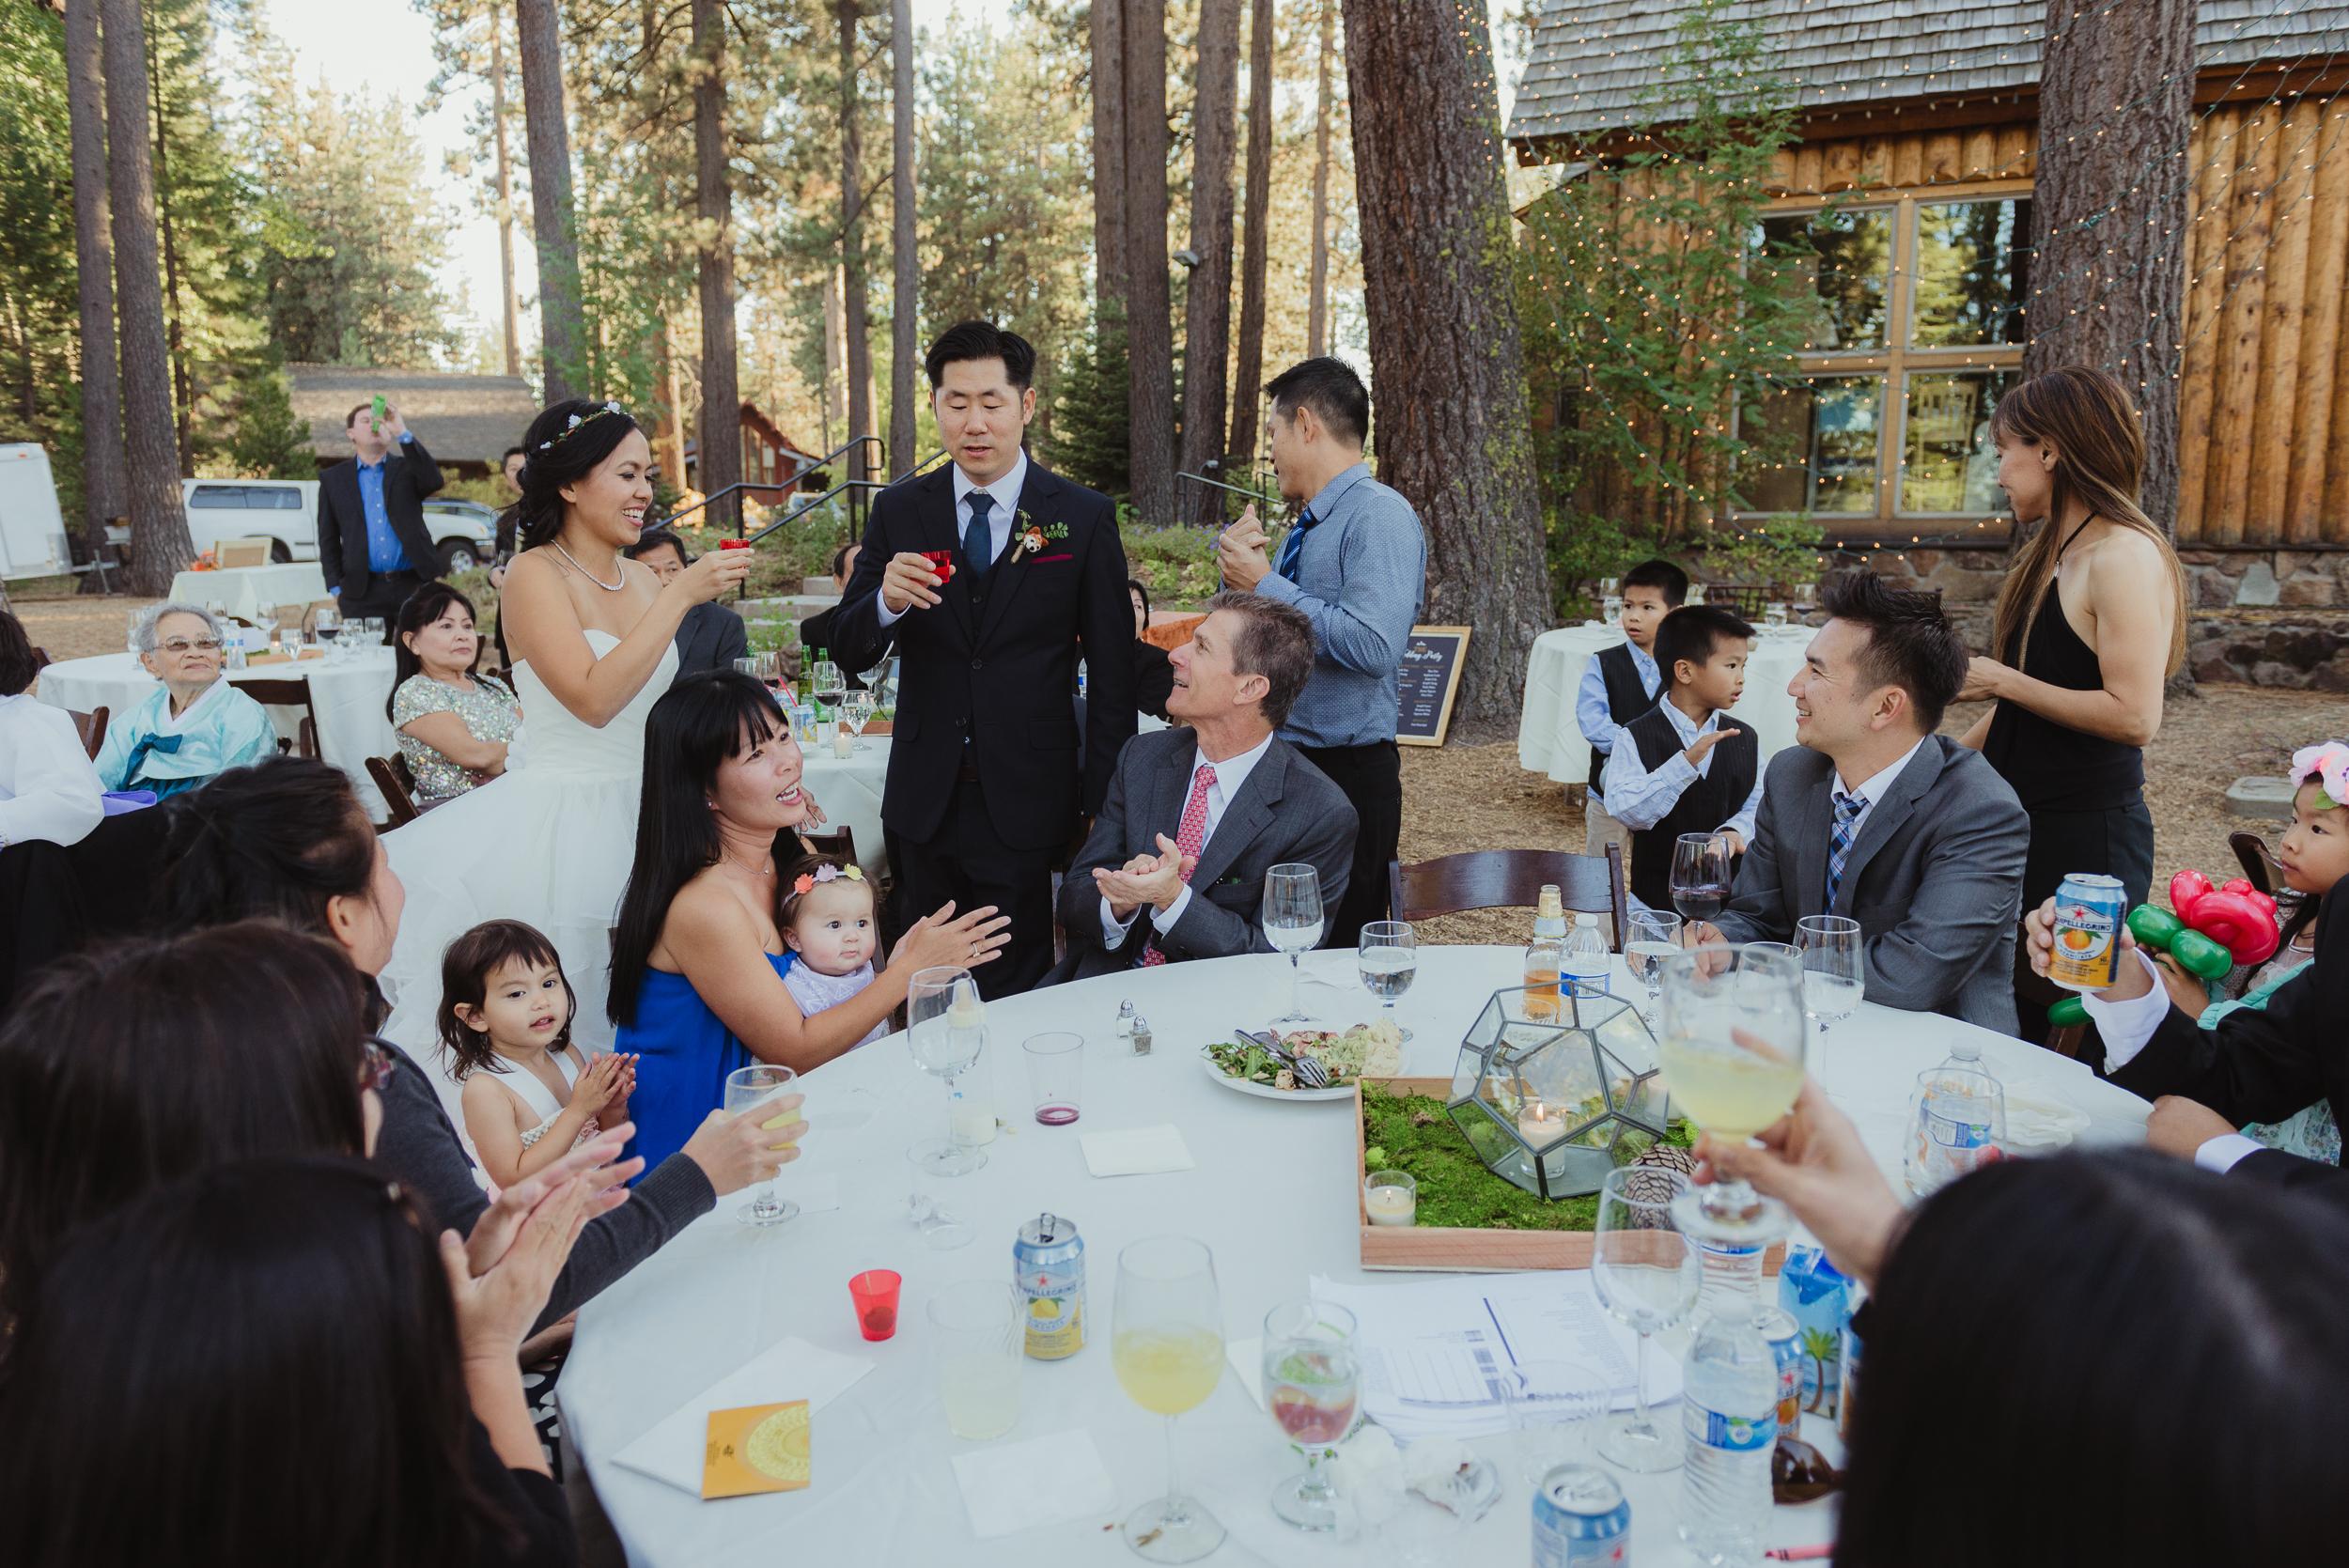 lake-tahoe-destination-wedding-vivianchen-55.jpg